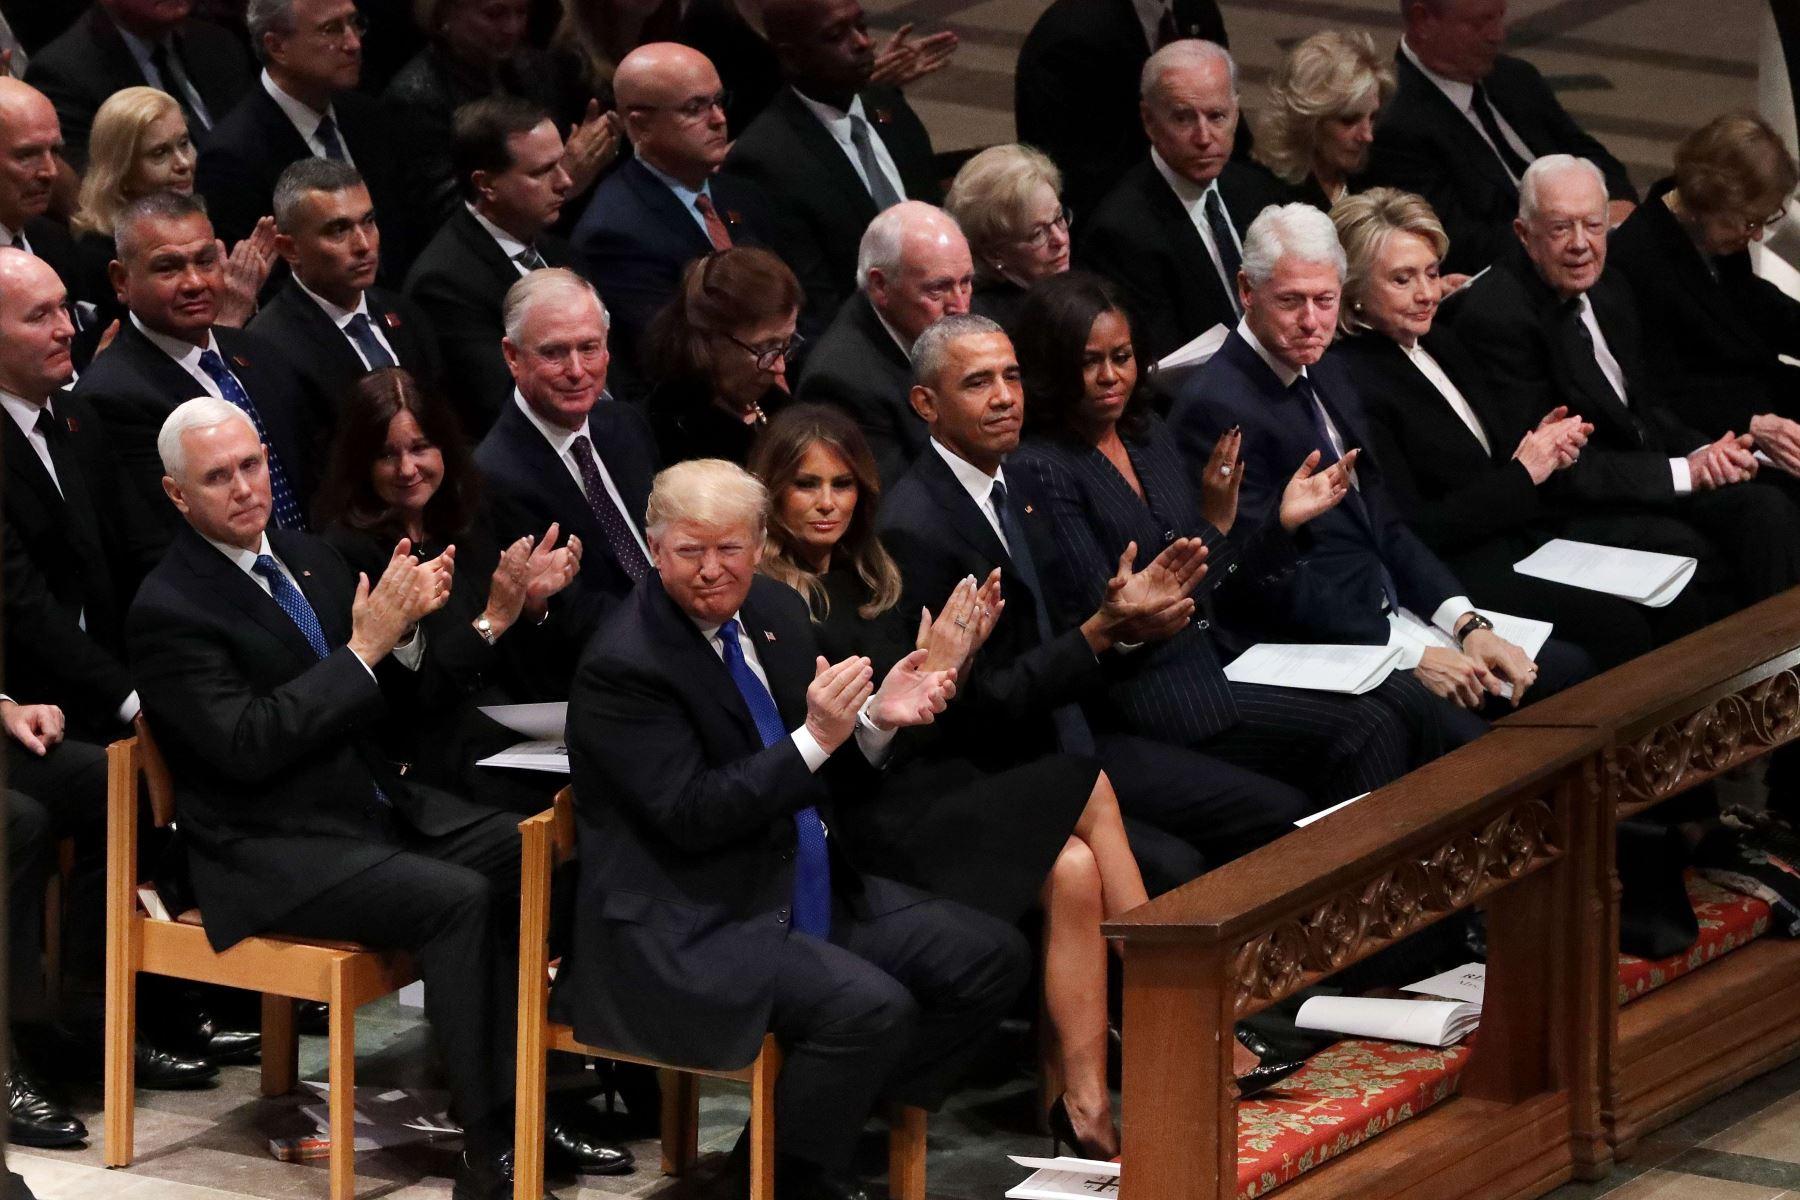 El presidente Donald Trump, la primera dama Melania Trump; y los ex presidentes Obama, Clinton y Carter en el funeral de George H.W. Bush Foto: AFP